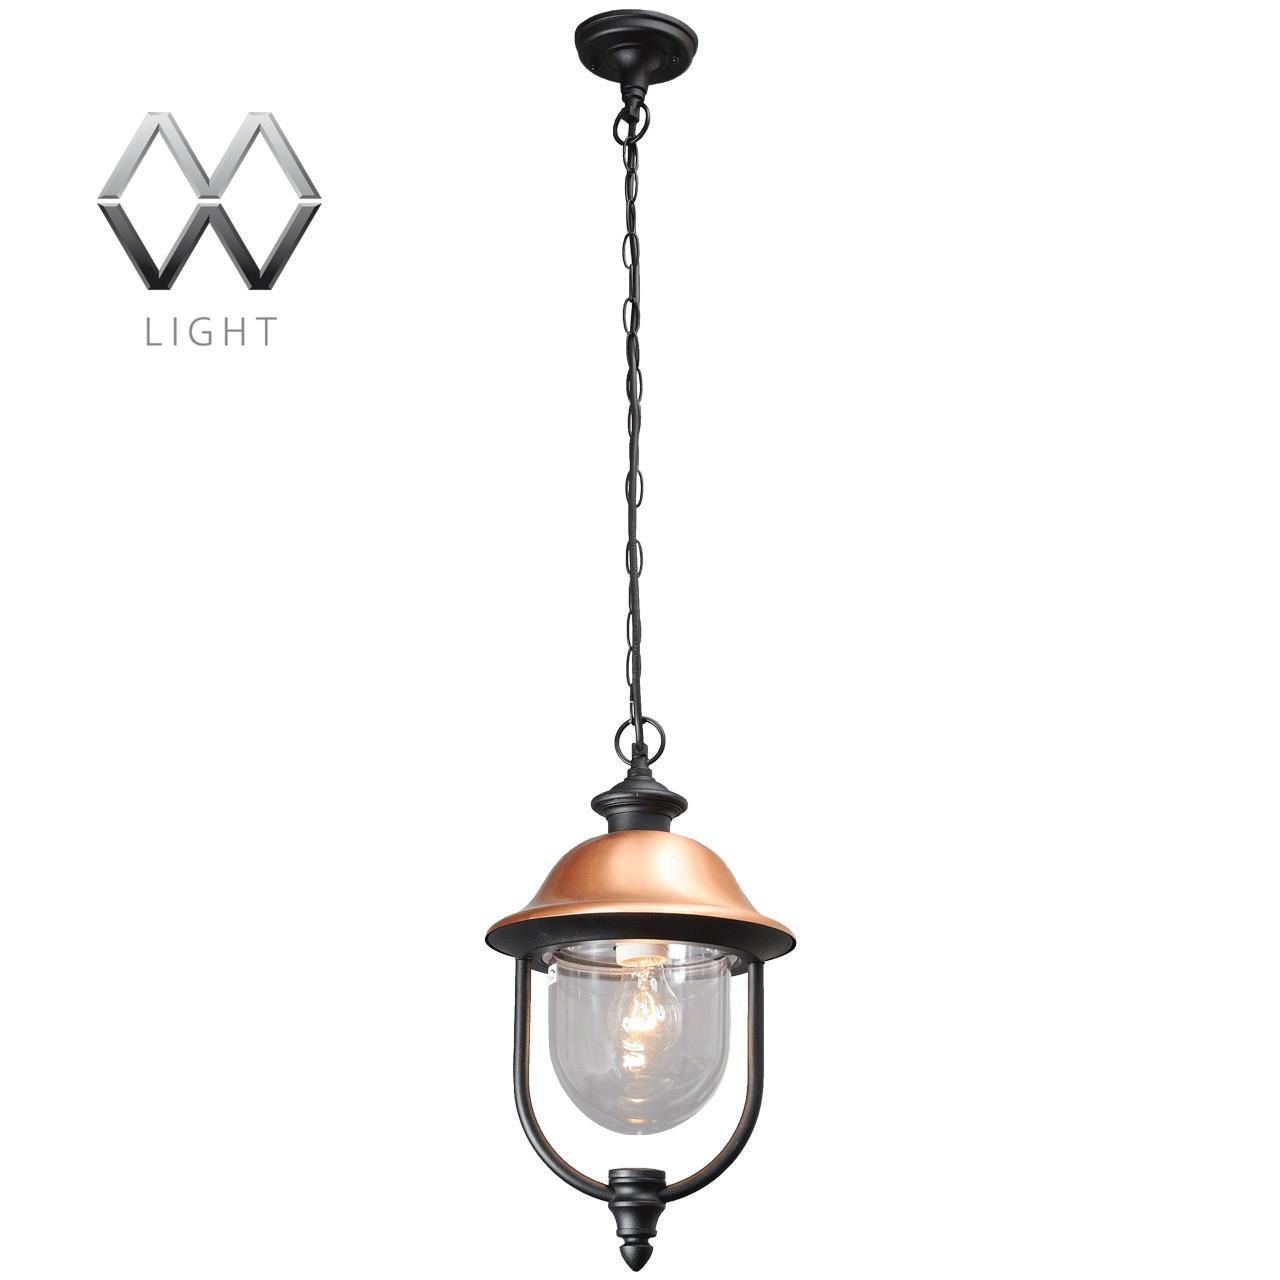 Уличный подвесной светильник MW-Light Дубай 805010401 светильник на штанге mw light дубай 805020101